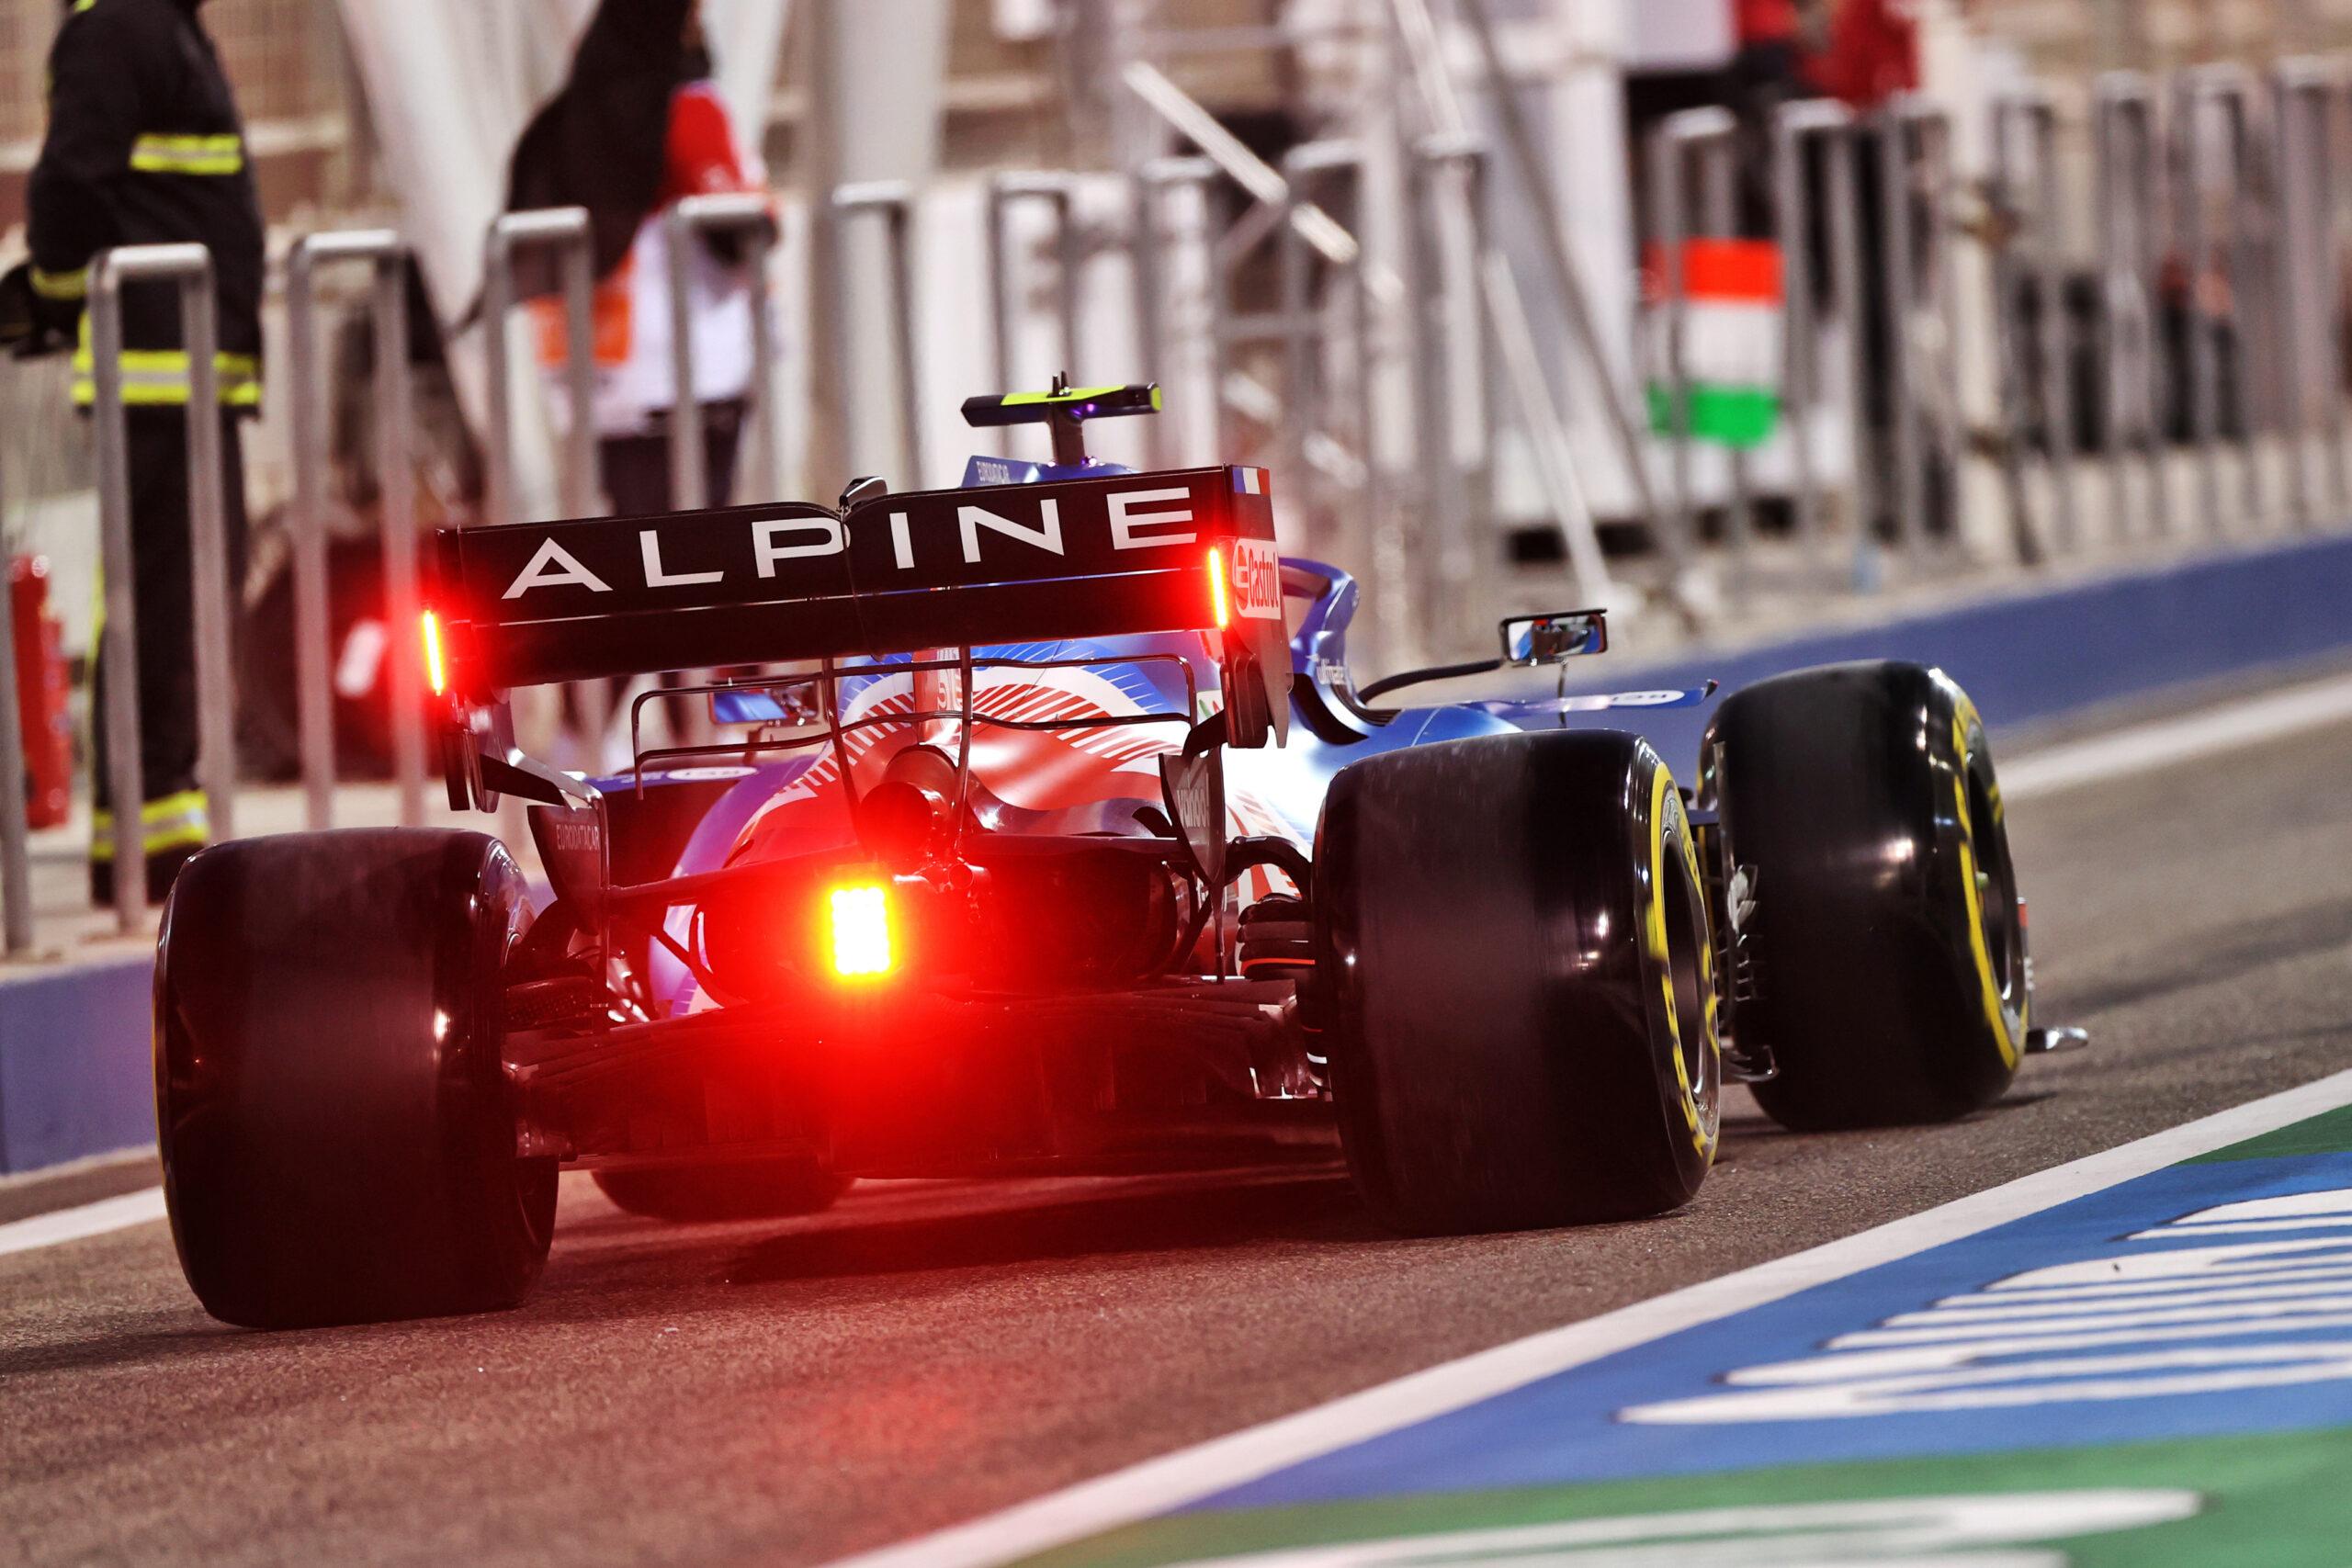 F1 - Alpine F1 confirme des évolutions sur l'A521 pour Imola